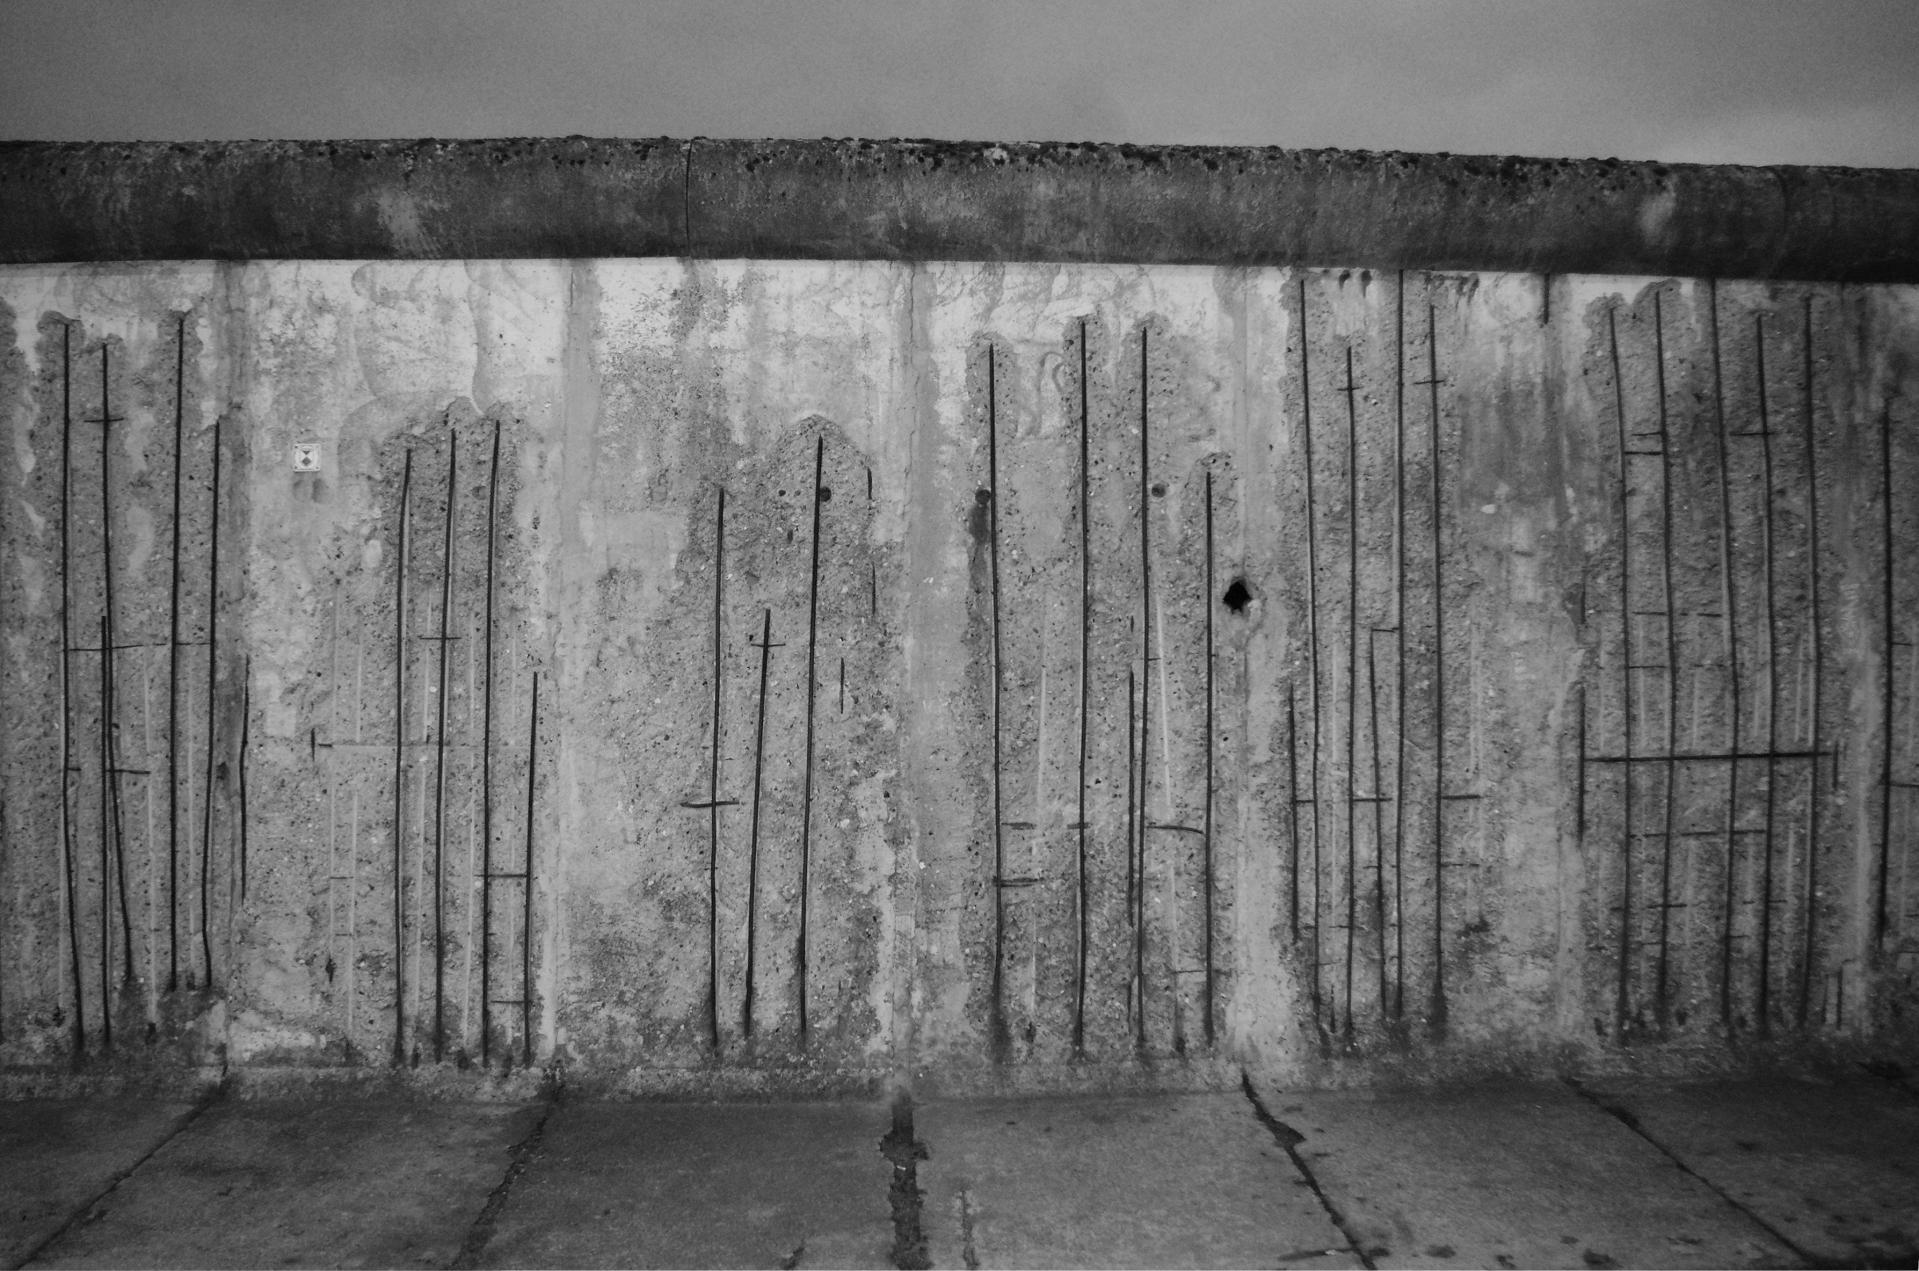 Le mur 1